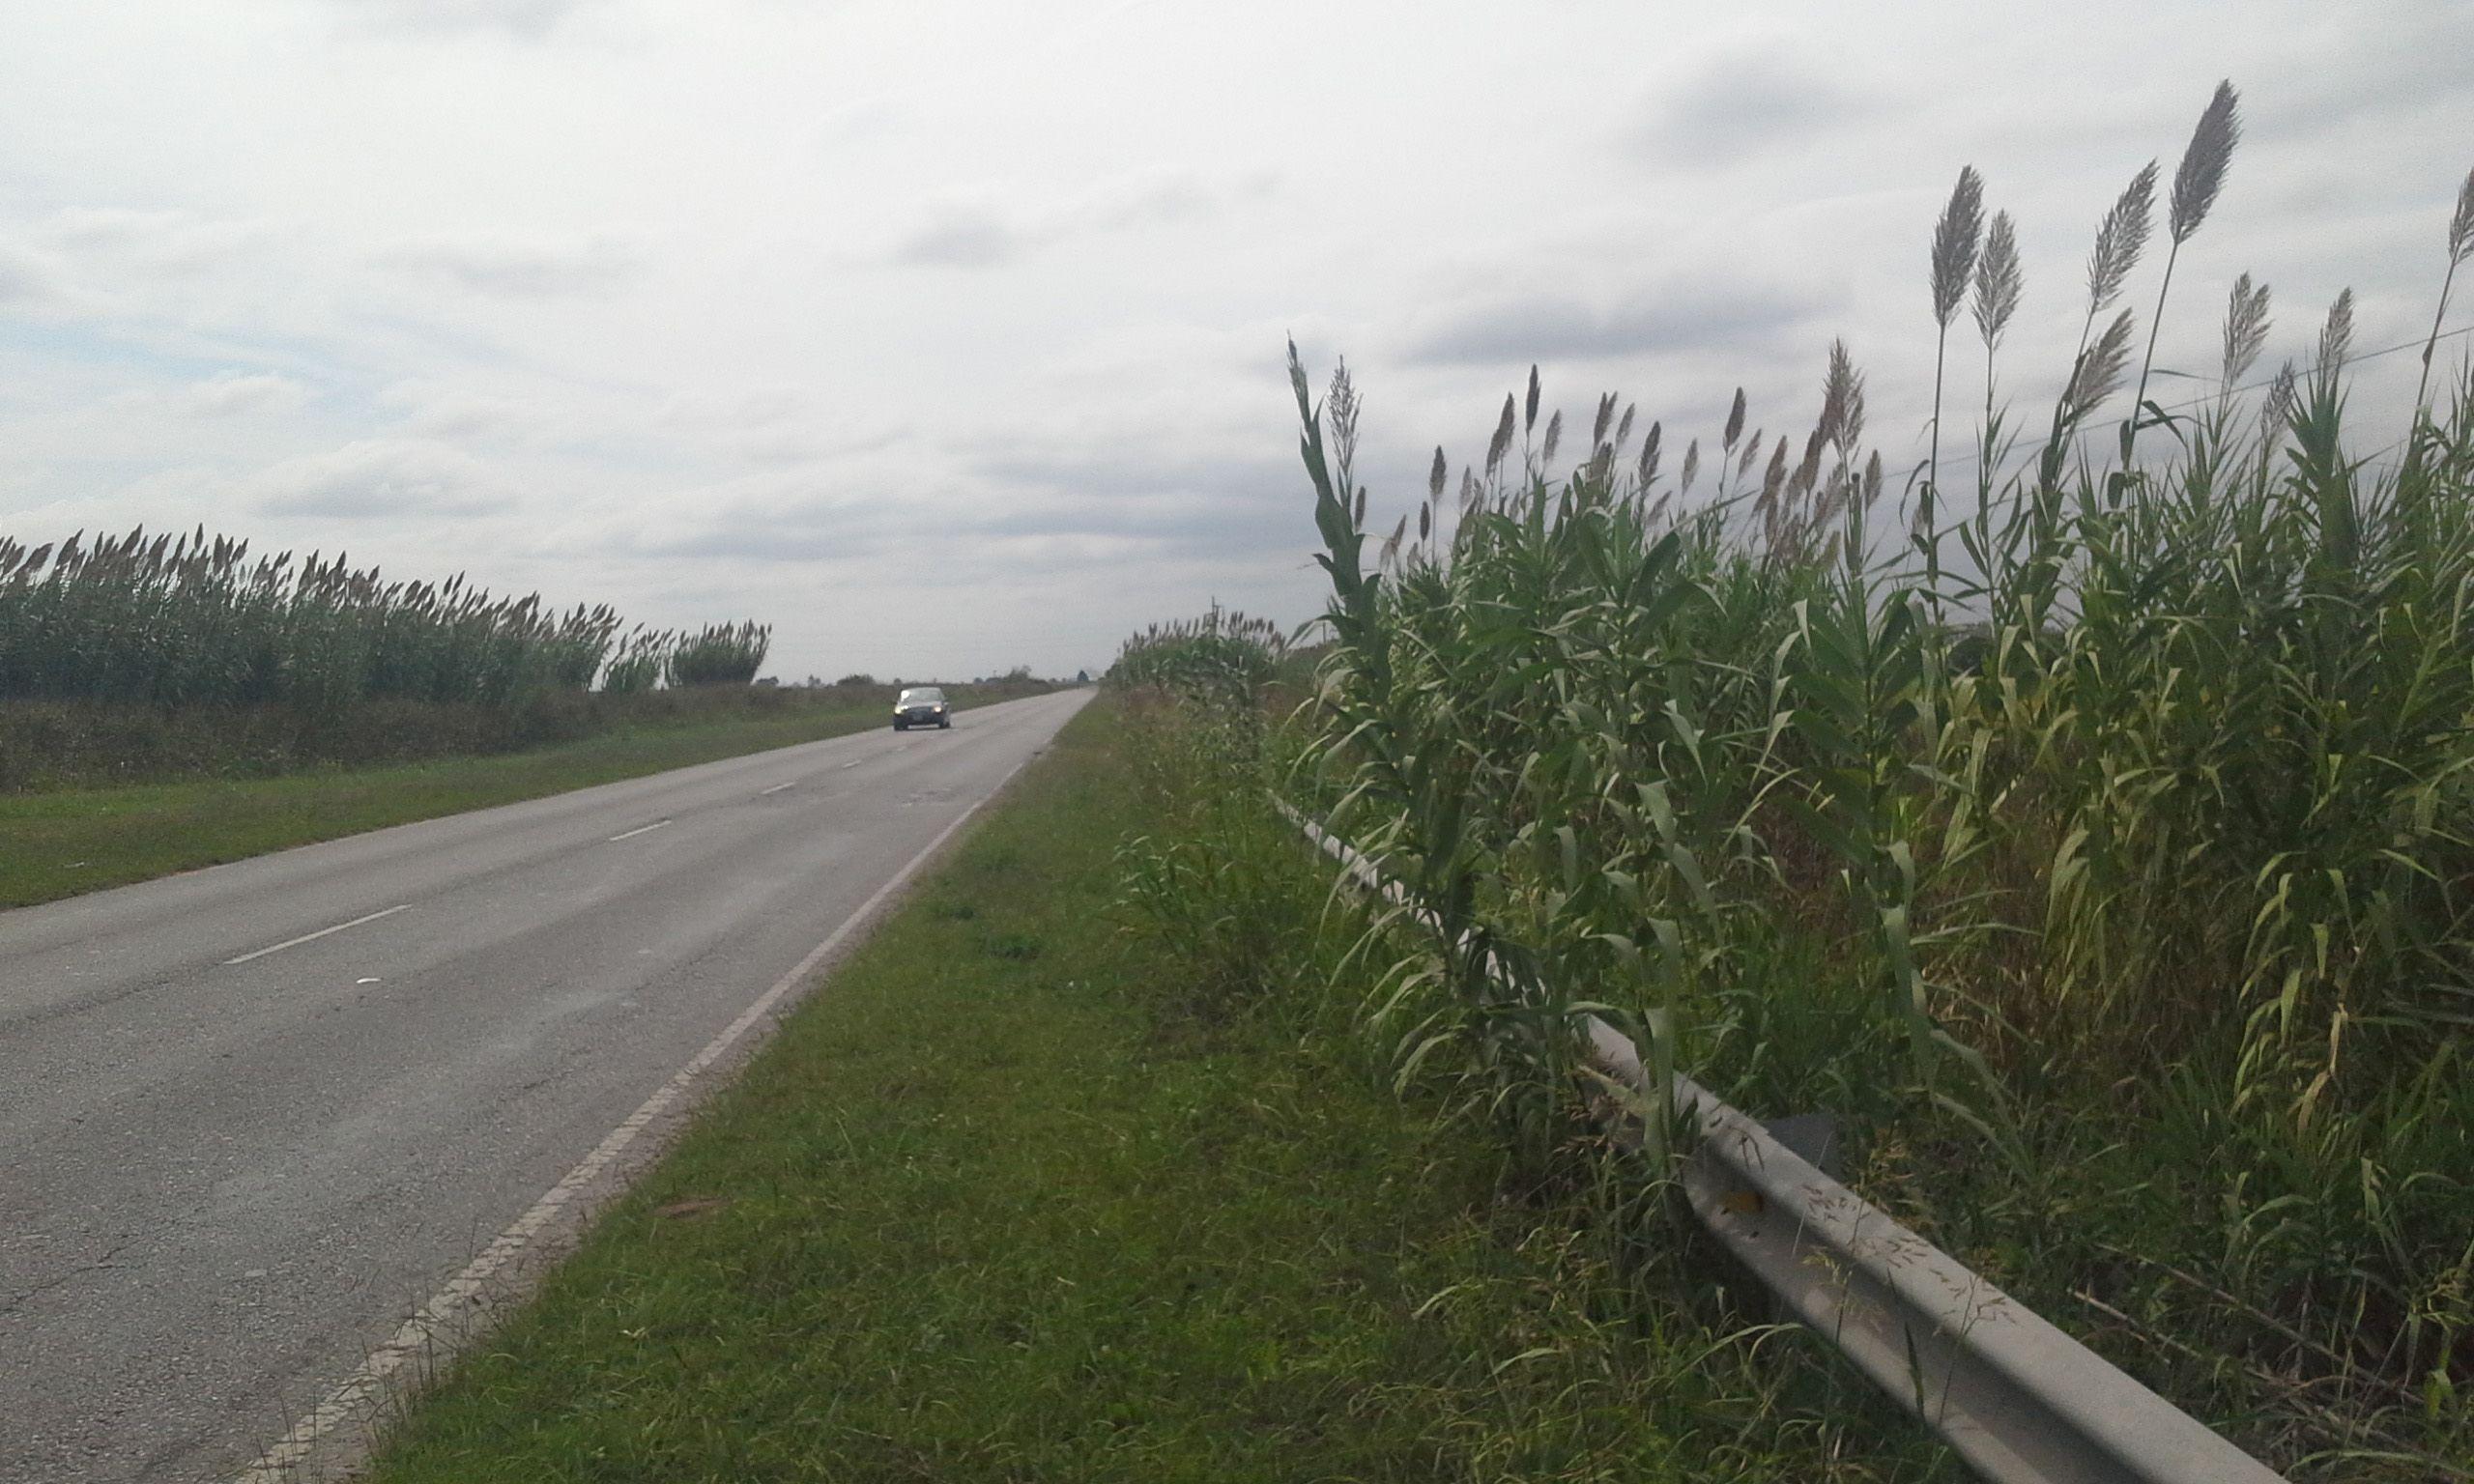 Vía de acceso. La ruta 26 conecta la autopista a Córdoba con Casilda.